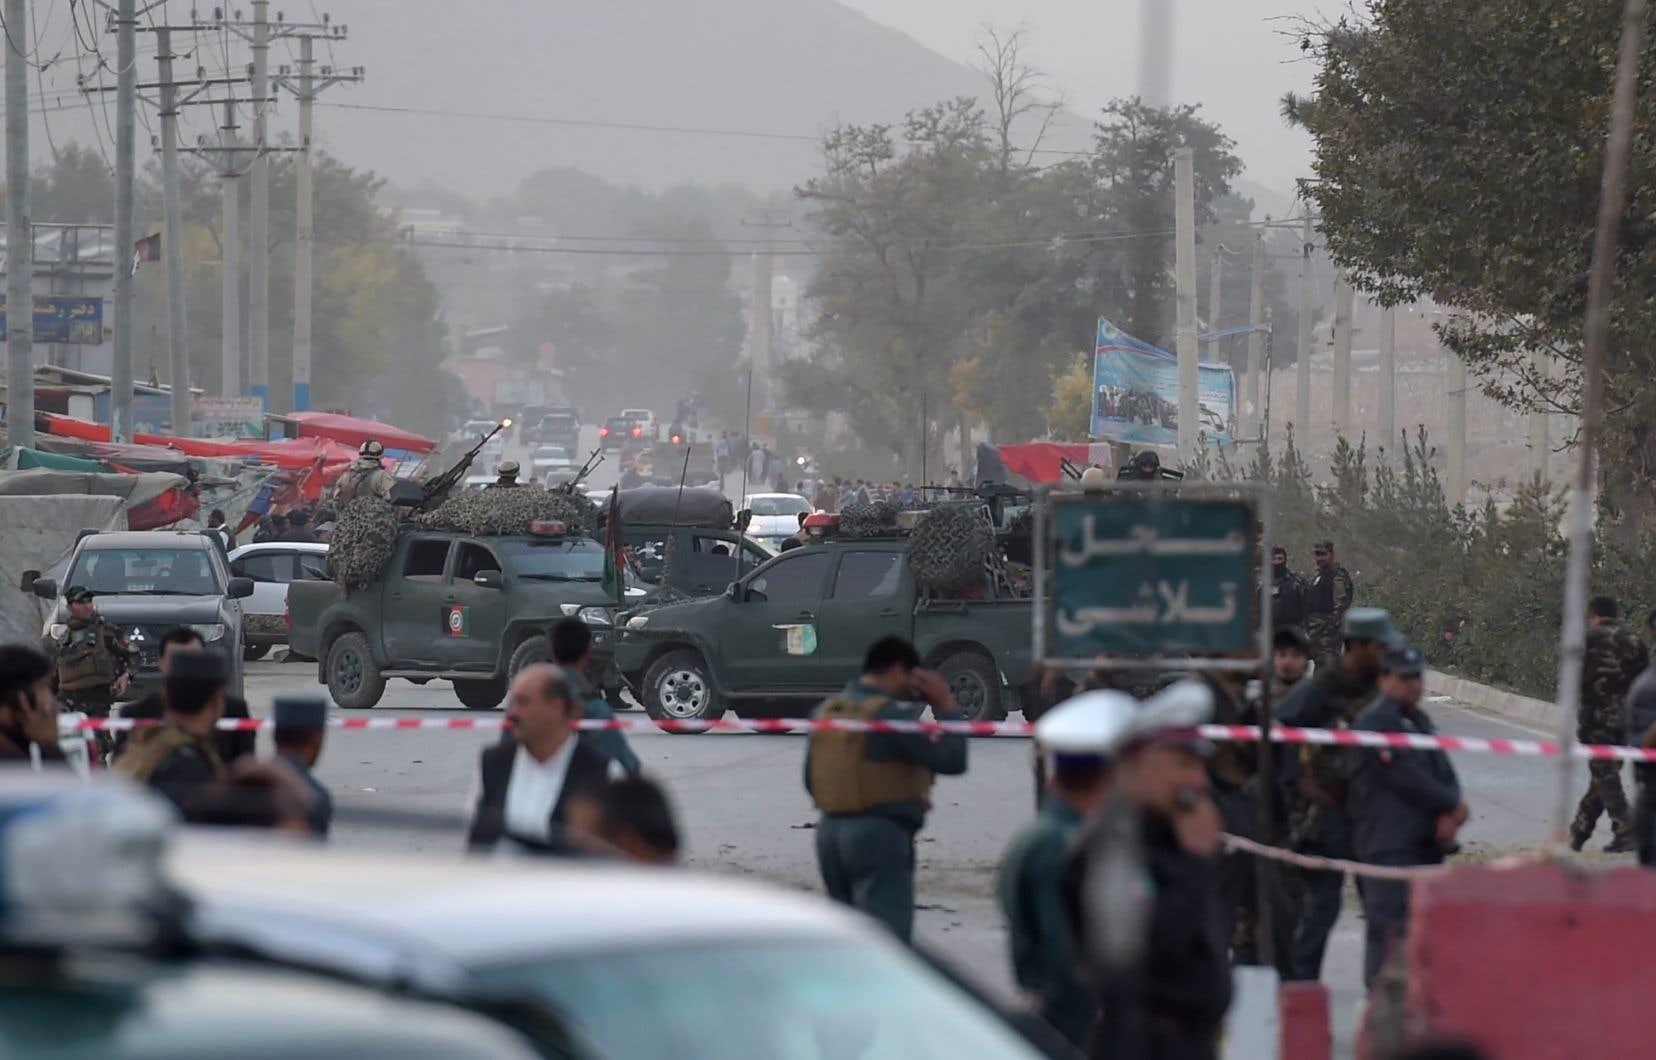 Sept attaques ont été recensées en cinq jours, dont cinq ont visé les forces de sécurité, armée et police.